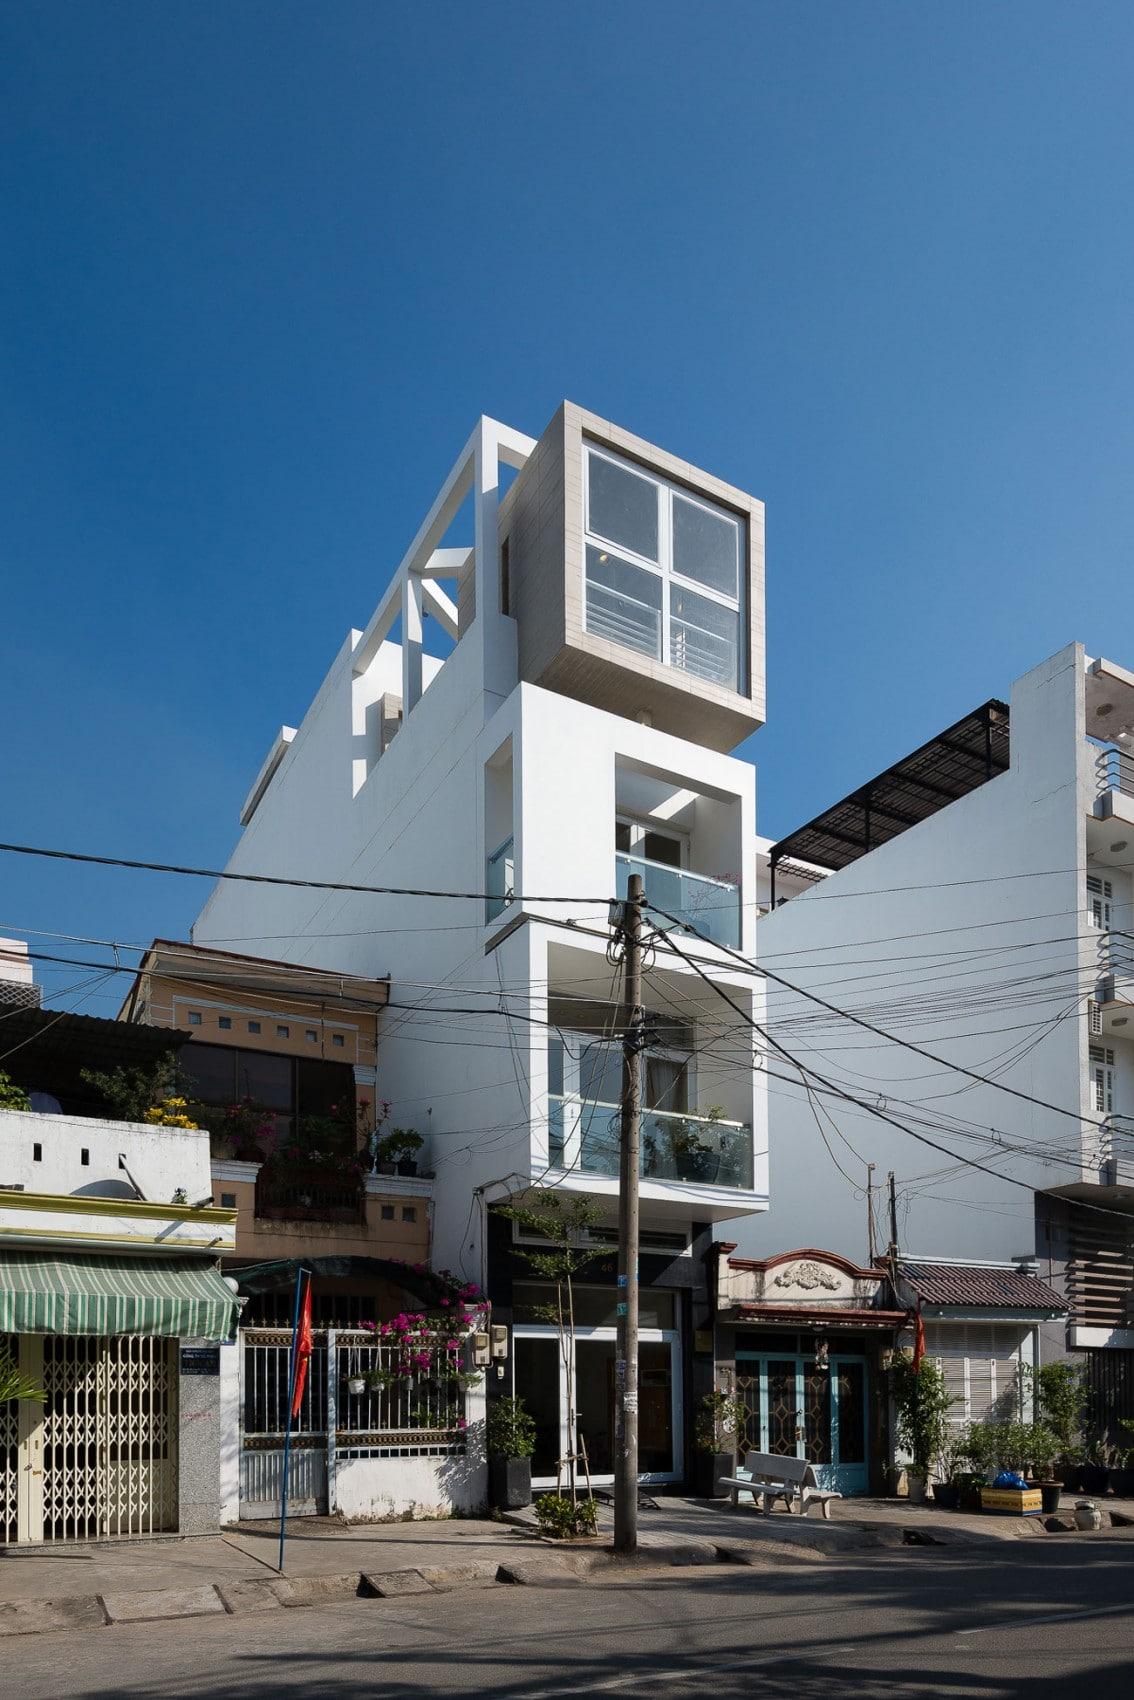 Dise o de casas angostas y largas construye hogar for Casas modernas de 5 pisos